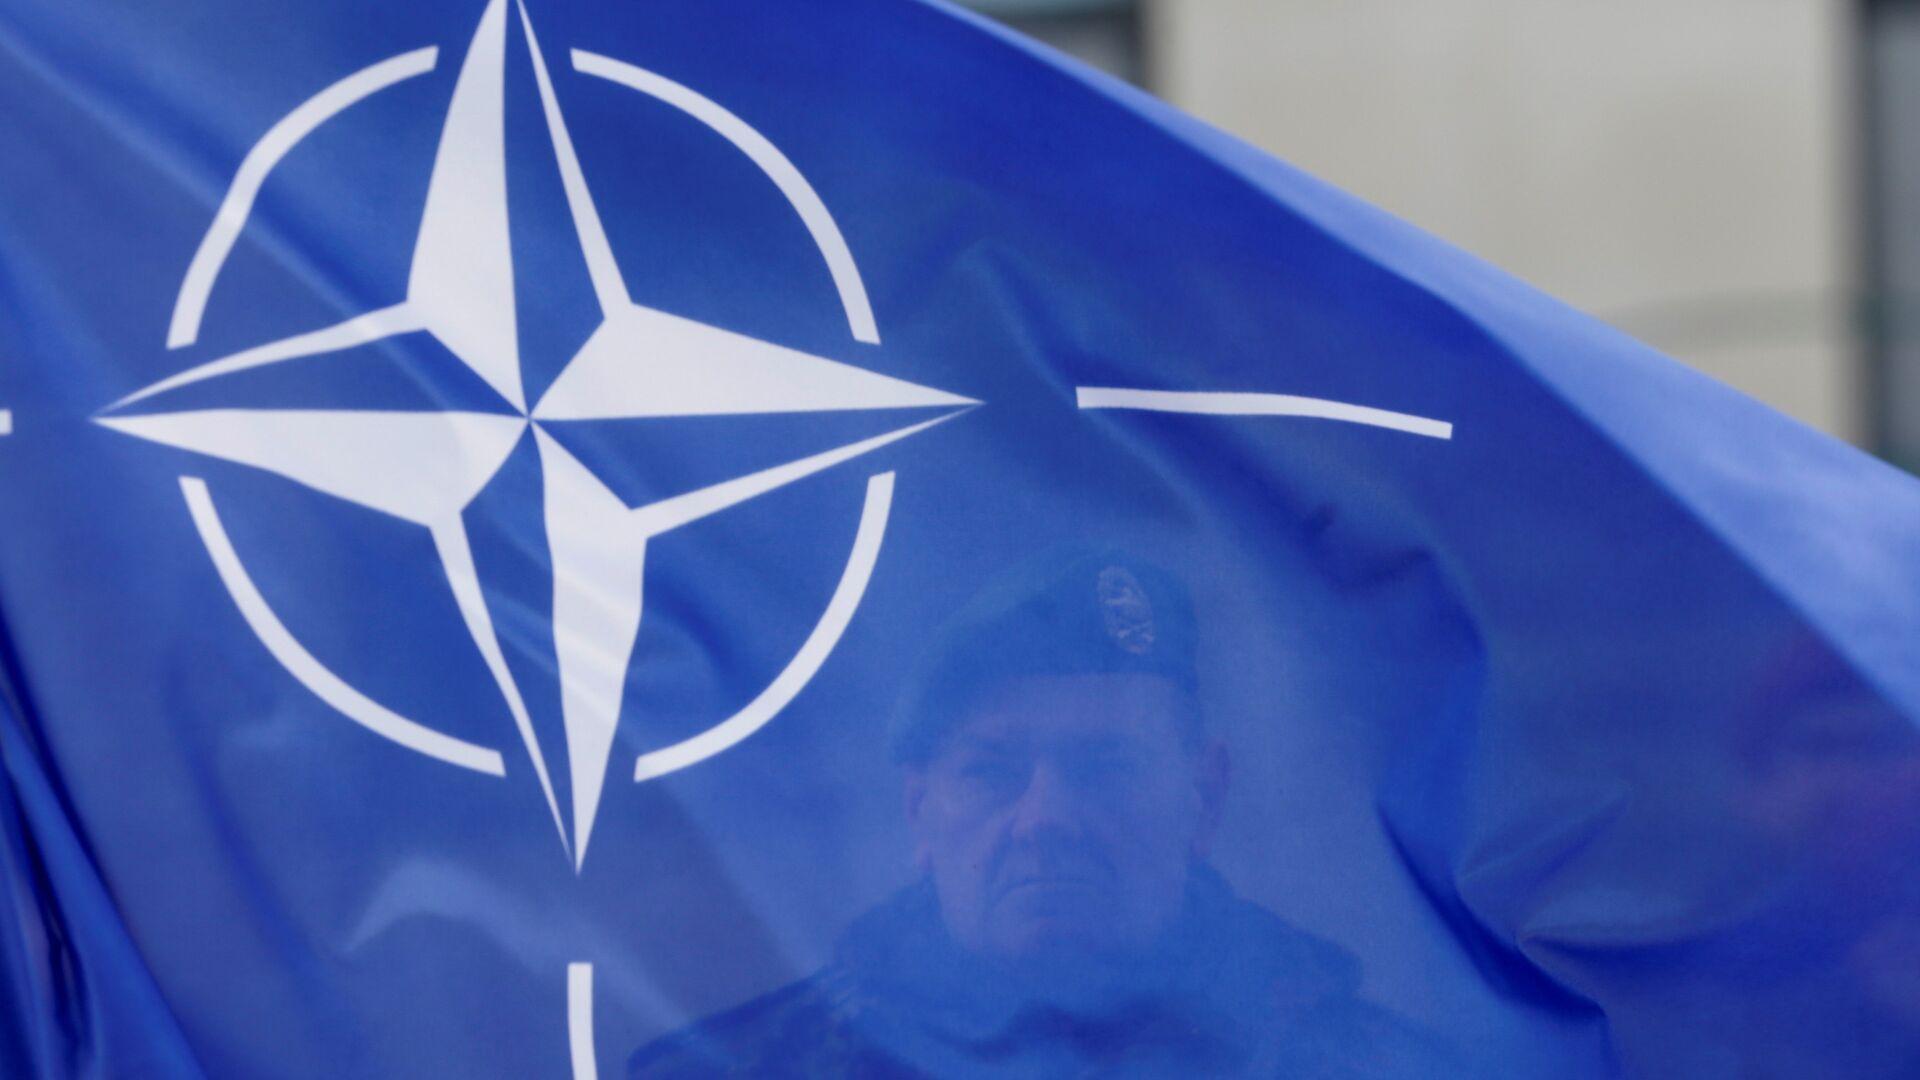 Bandera de la OTAN - Sputnik Mundo, 1920, 16.03.2021